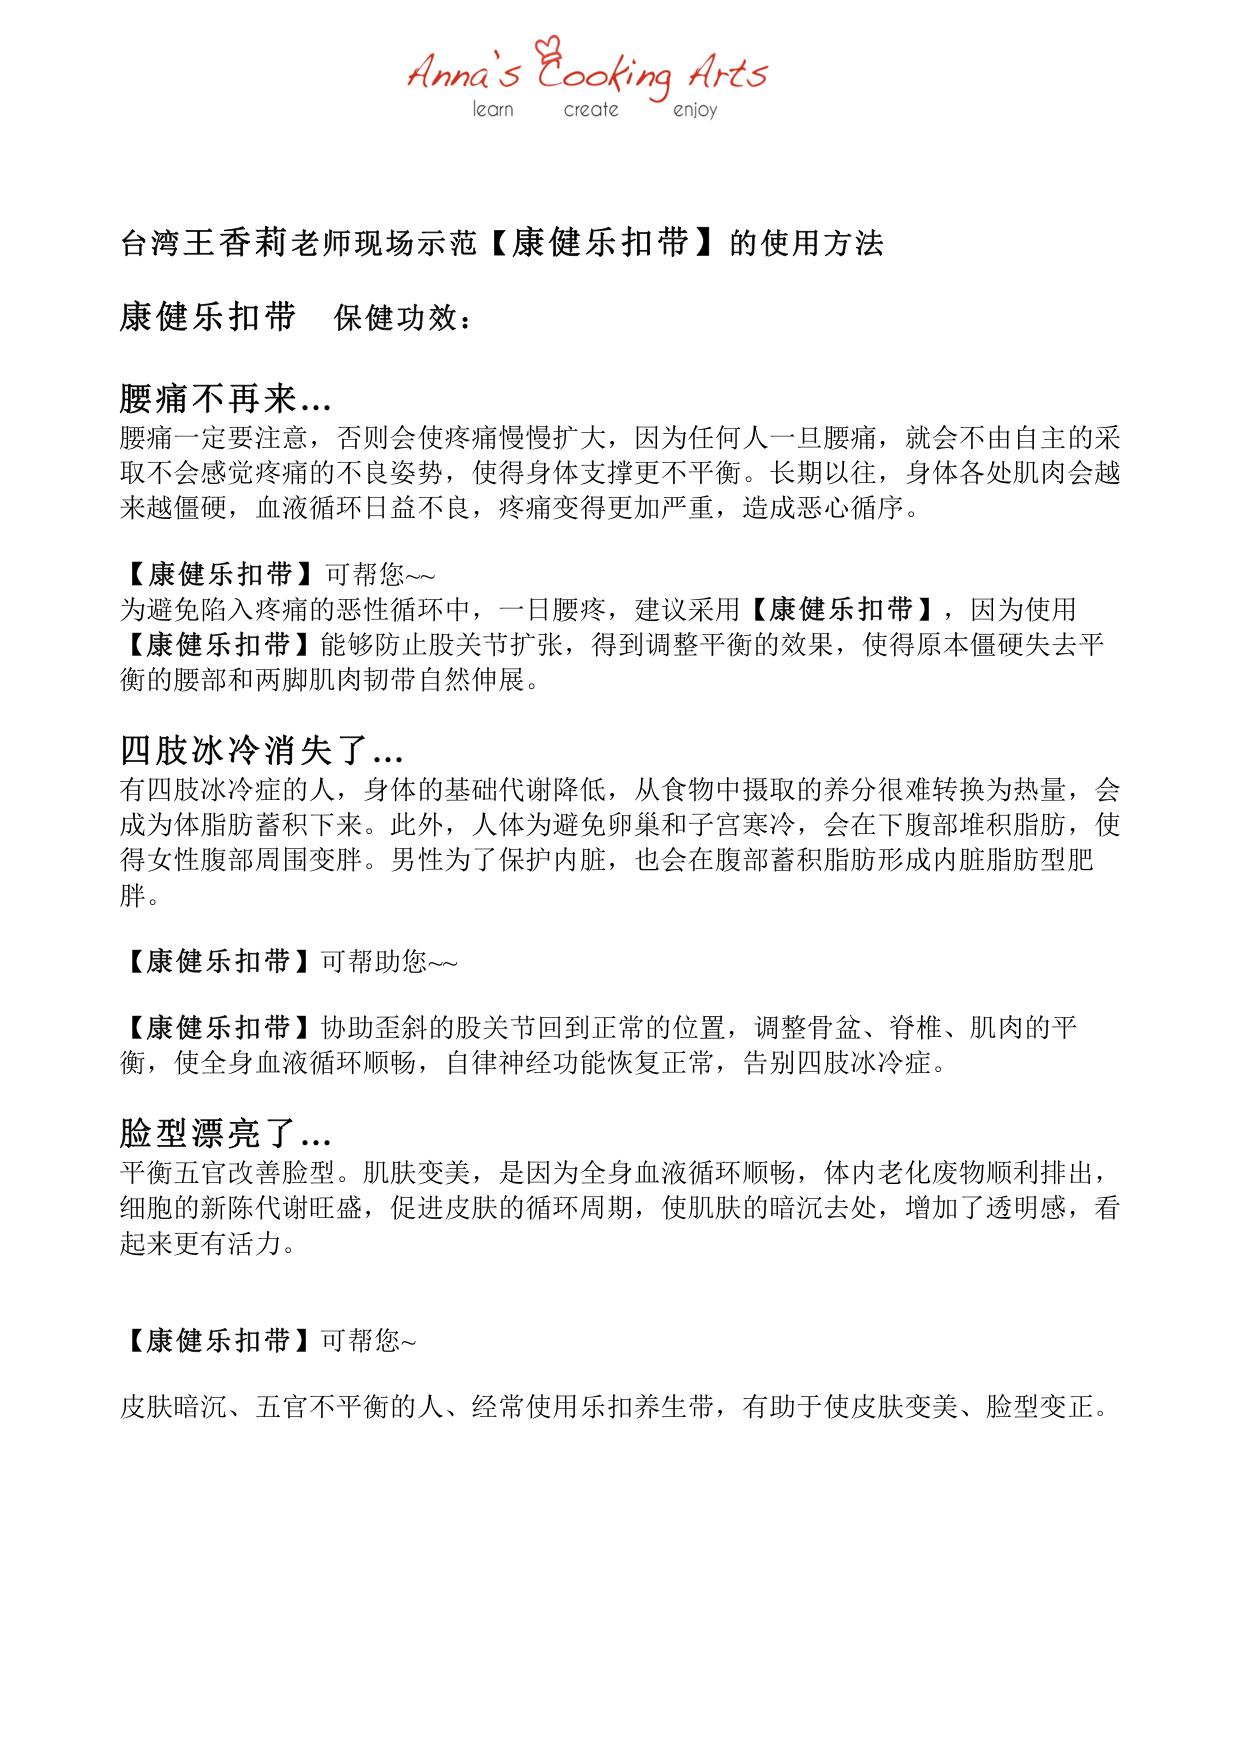 欧阳英老师03-04 八月_2013活动 - Copy 3